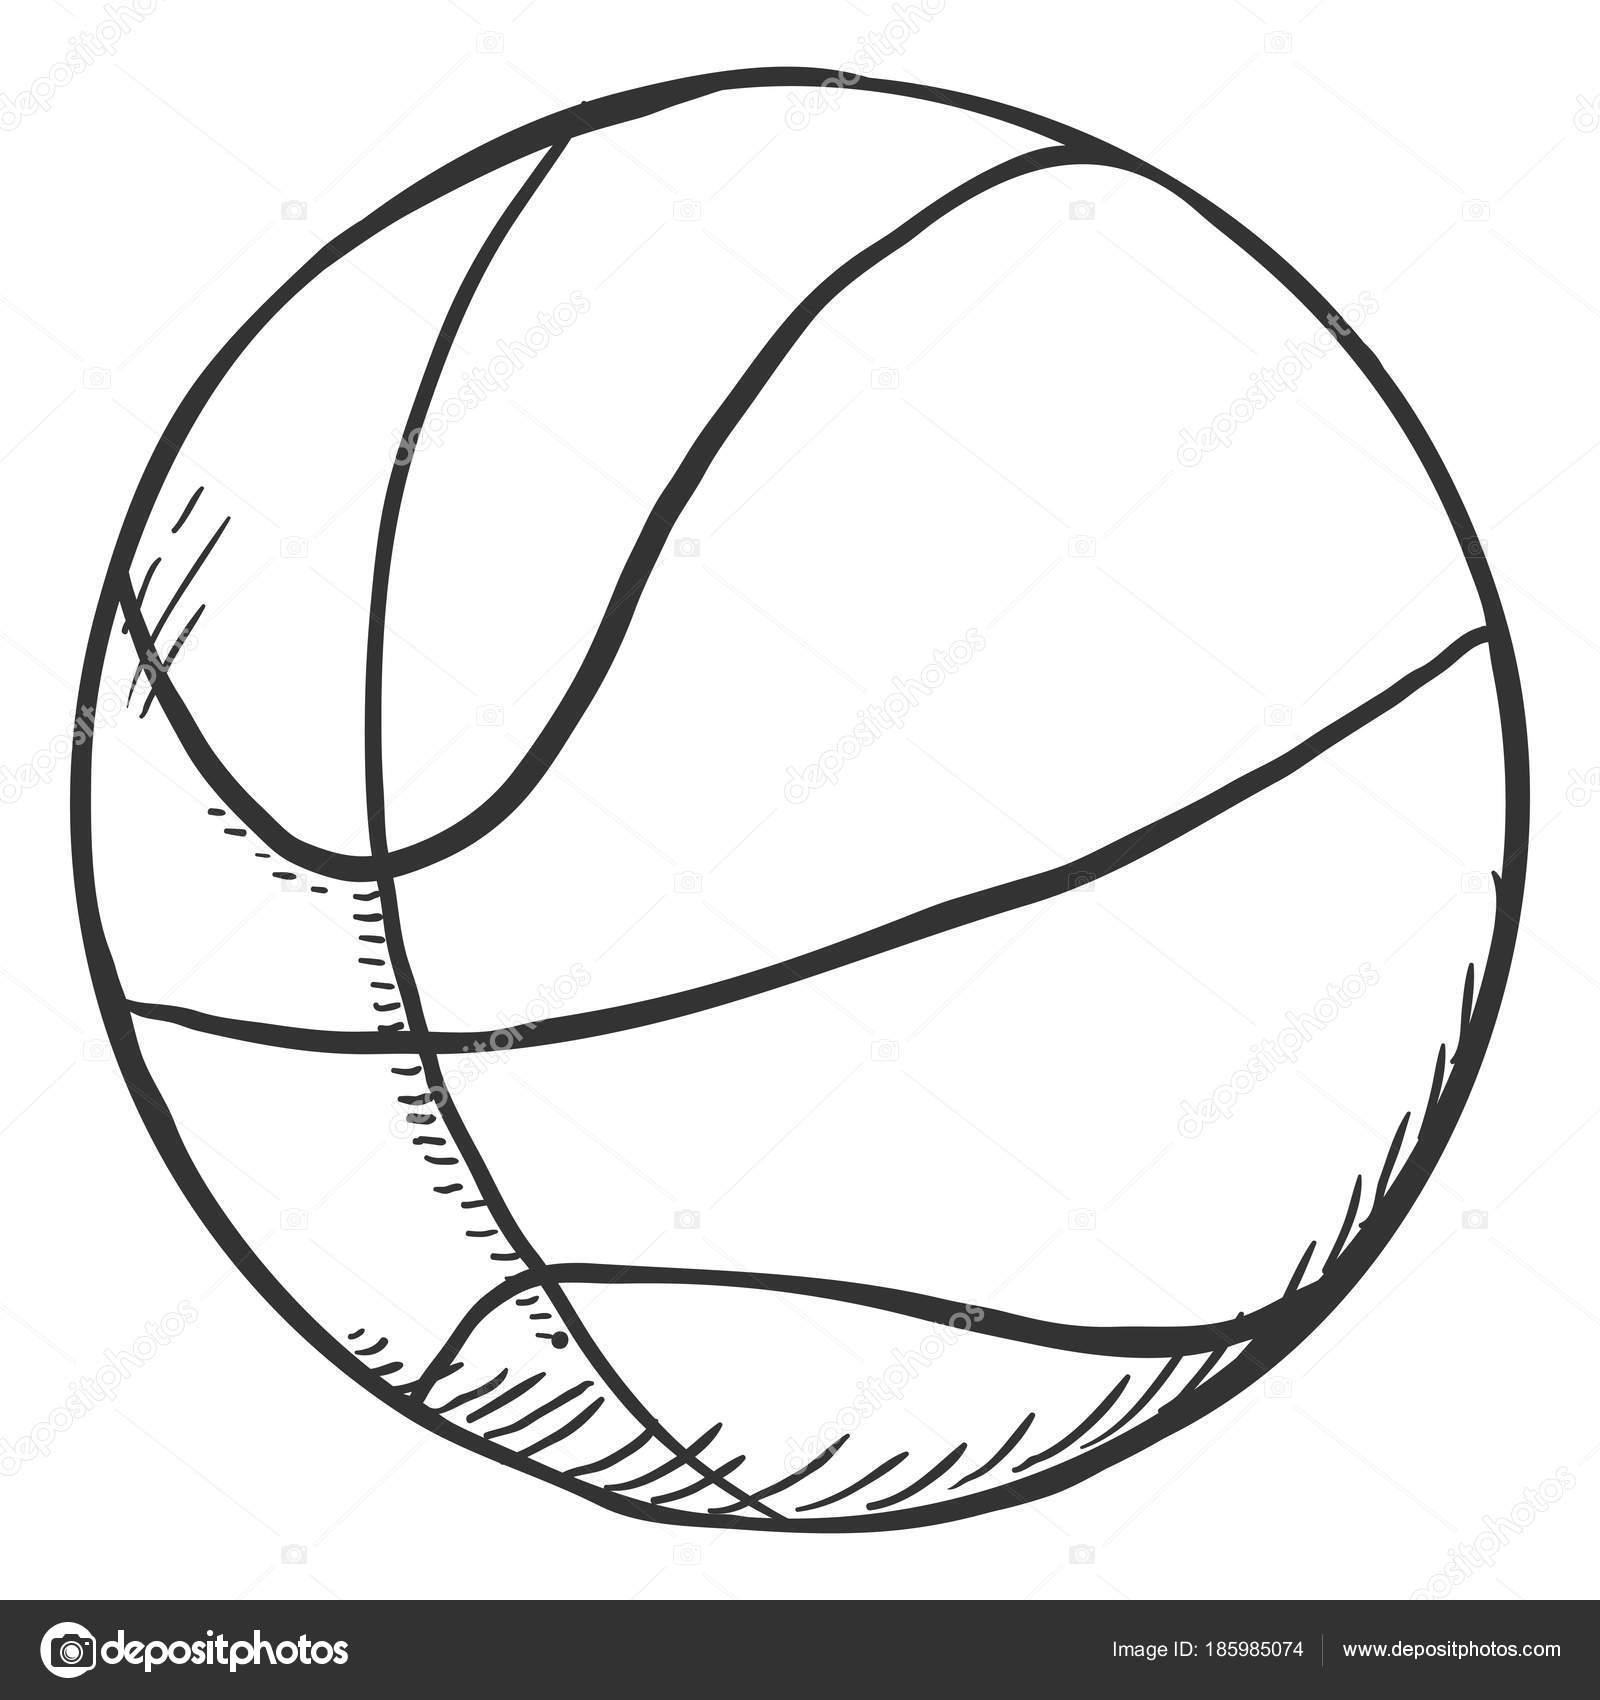 Sola Bola Bosquejo Lápiz Para Baloncesto Ilustración Vectorial ...